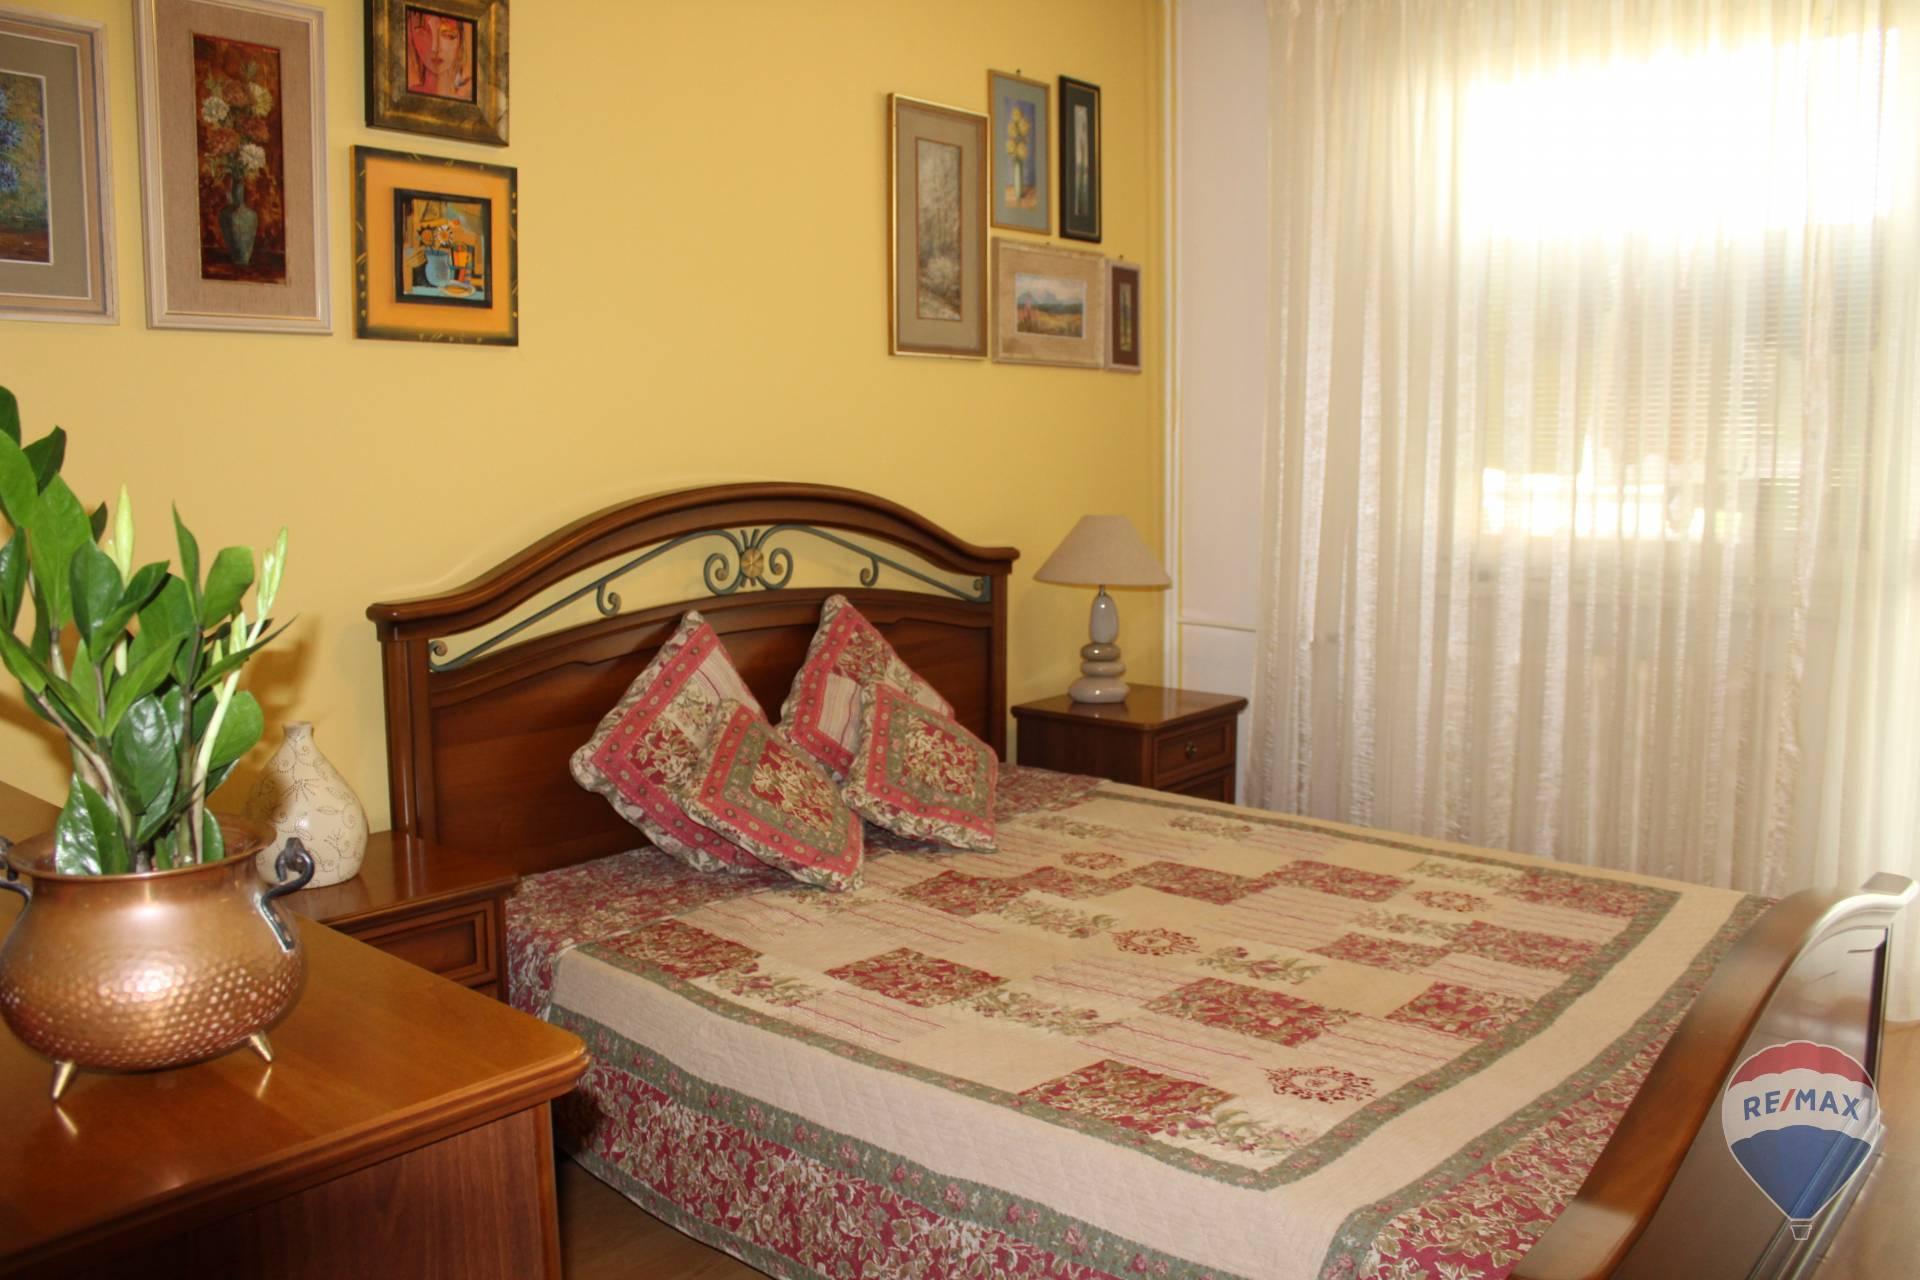 Predaj bytu (4 izbový) 81 m2, Trenčín - 4 i-bový byt s balkónom 81m2 Juh Trenčín